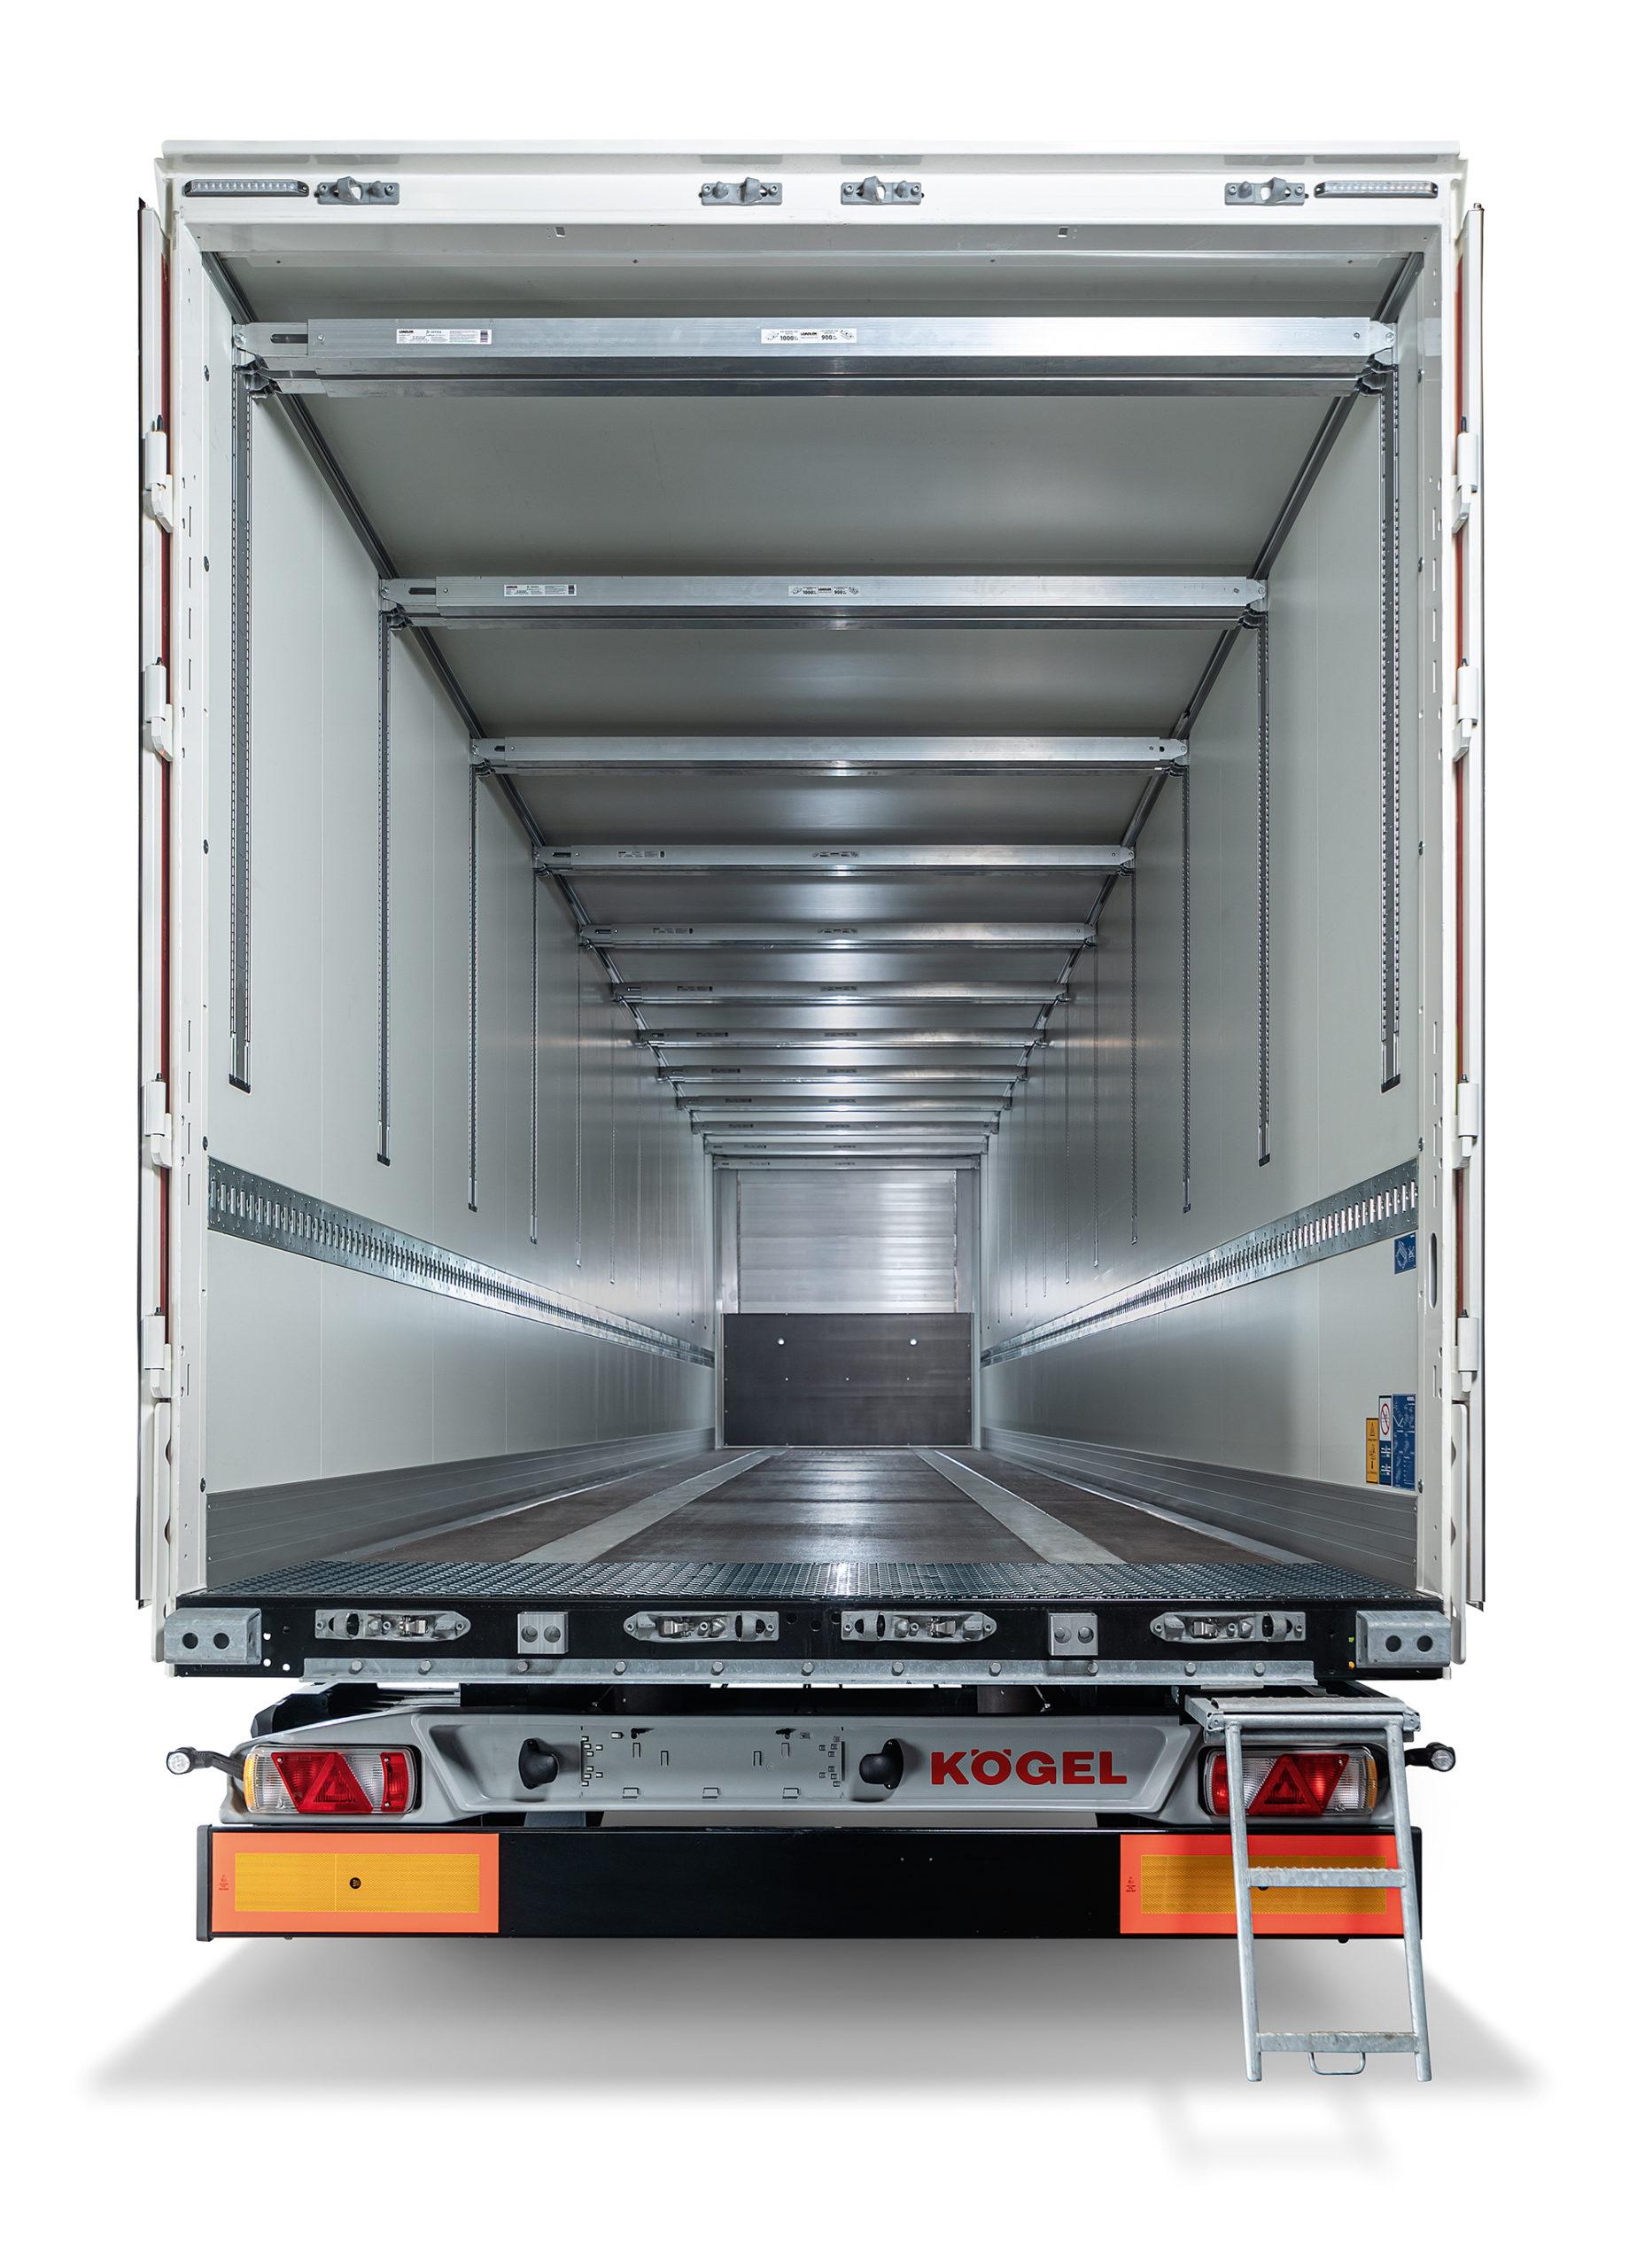 Los furgones Kögel Box pueden equipar barras de carga para equipar doble piso de carga.